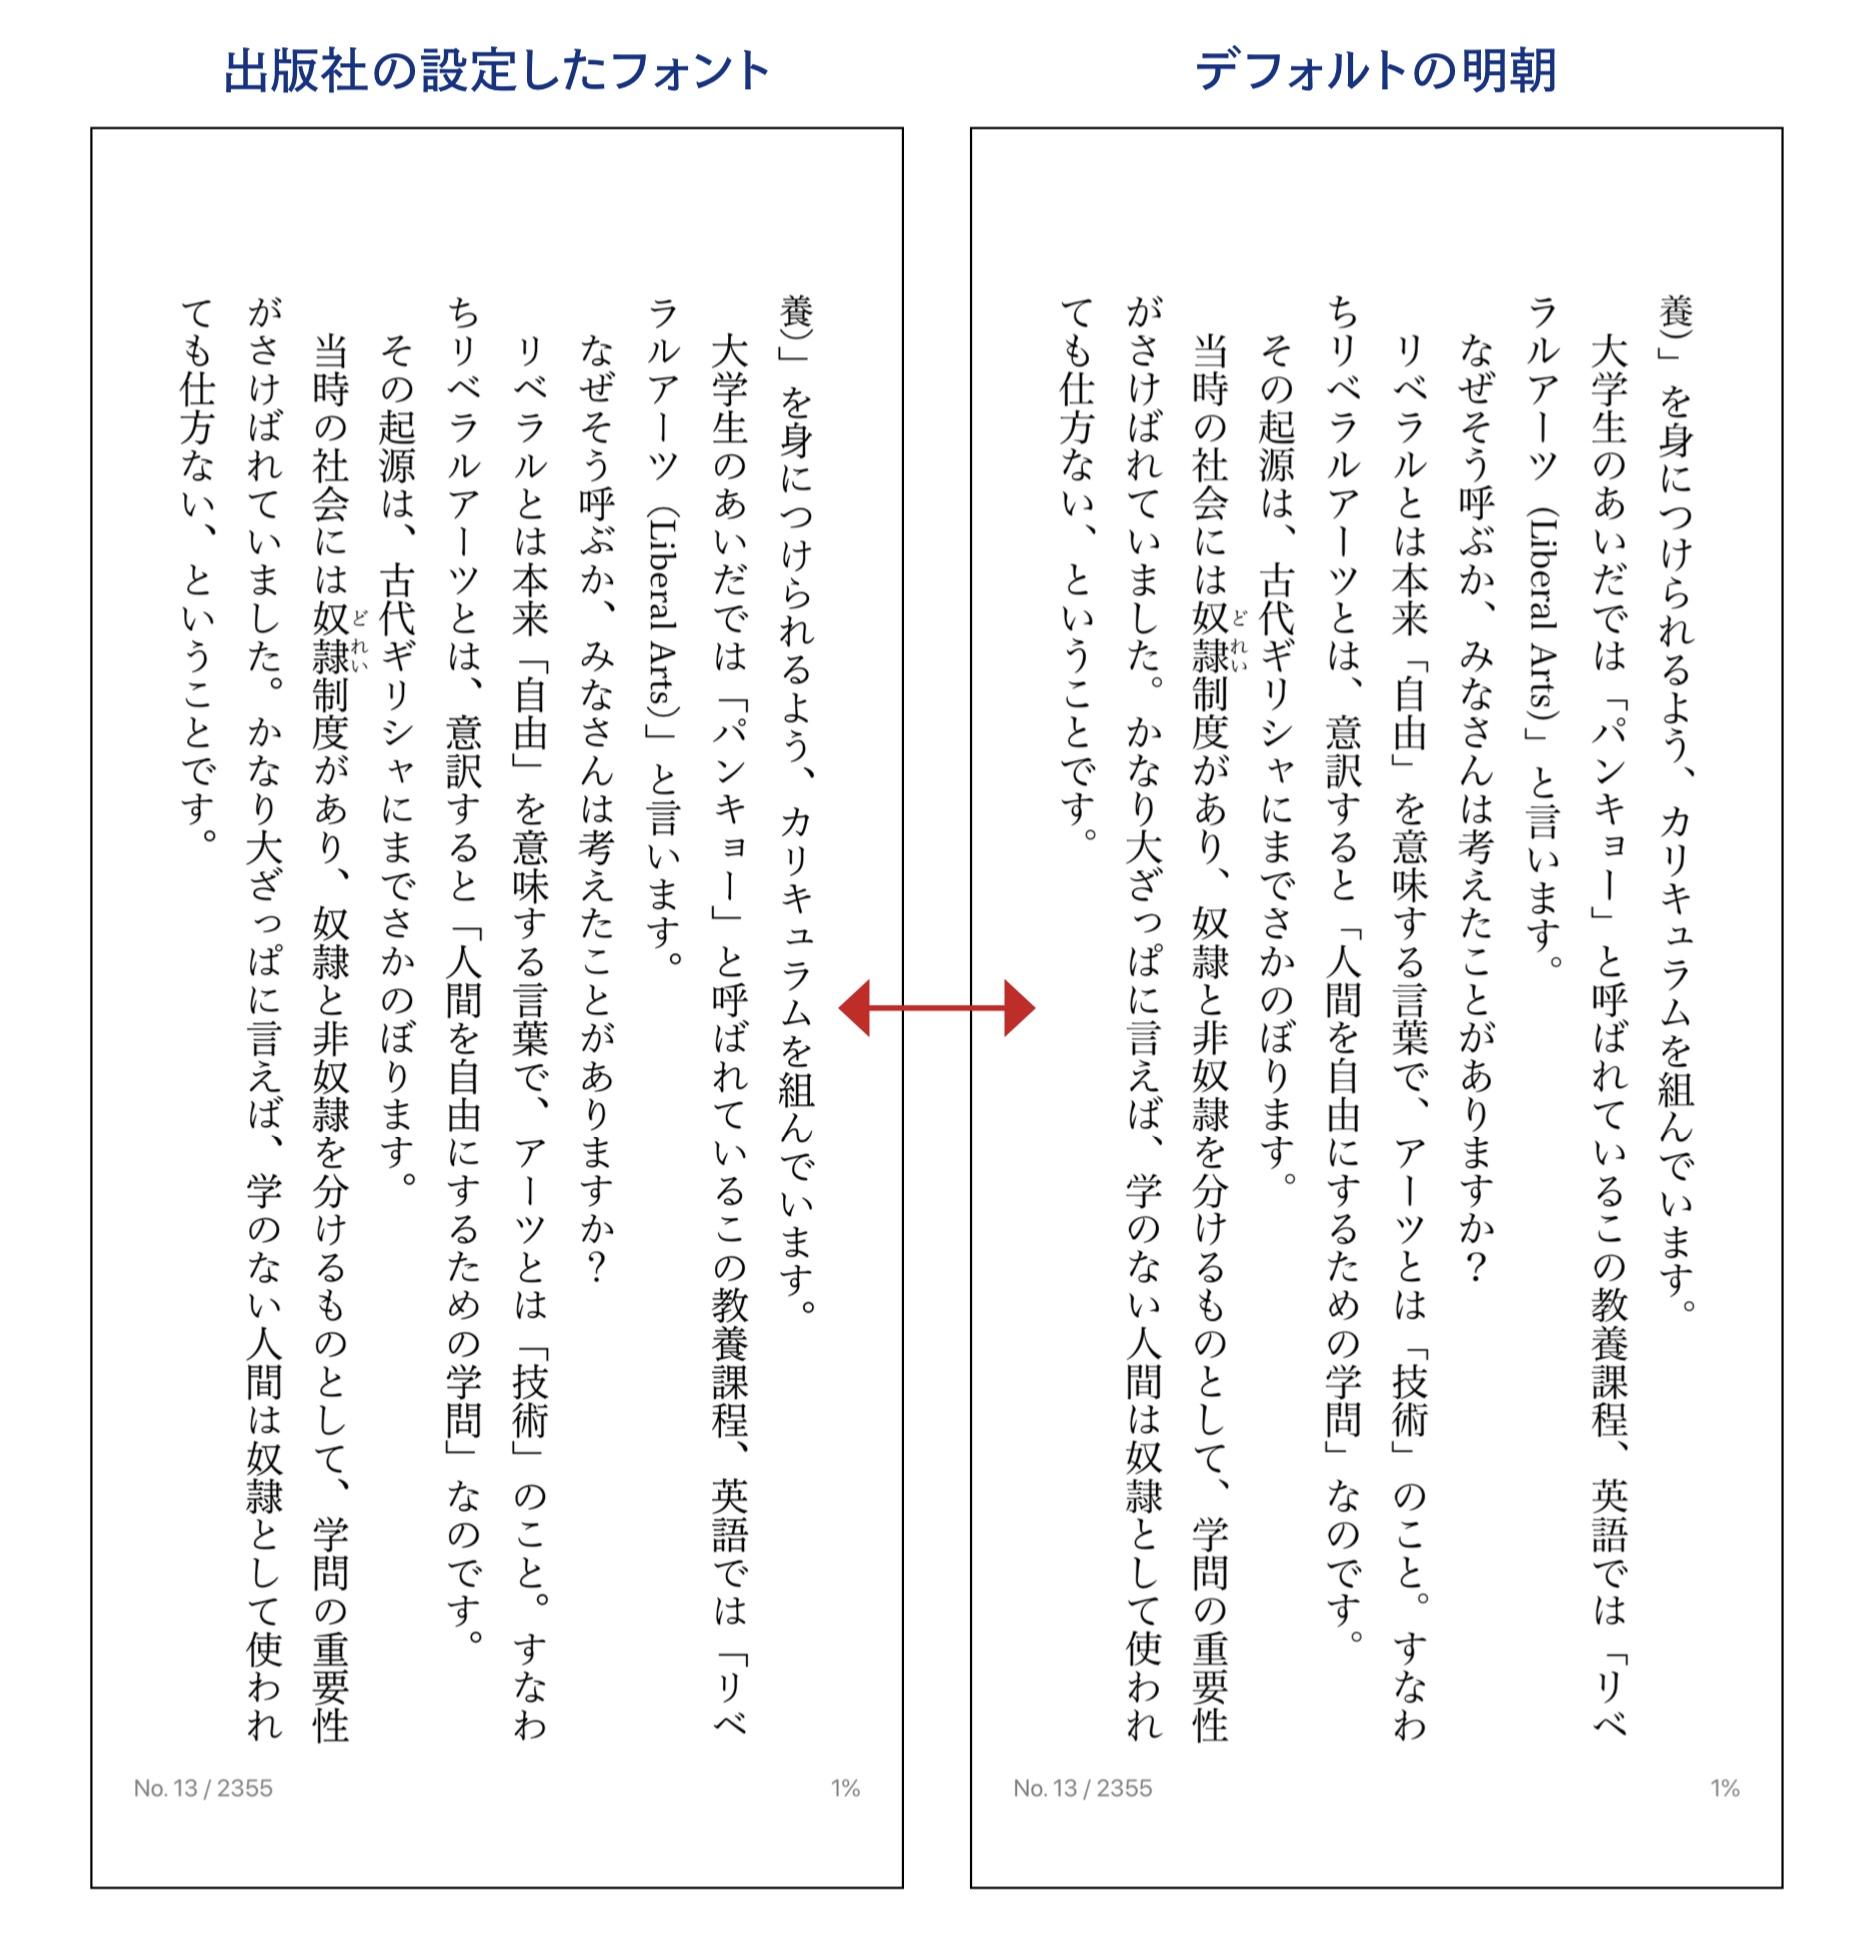 『武器としての決断思考』(著・瀧本哲史)電子書籍版の版面。同様に、右がKindle標準搭載のフォントで、左が星海社の電子書籍に埋め込まれたフォントを使った場合だ